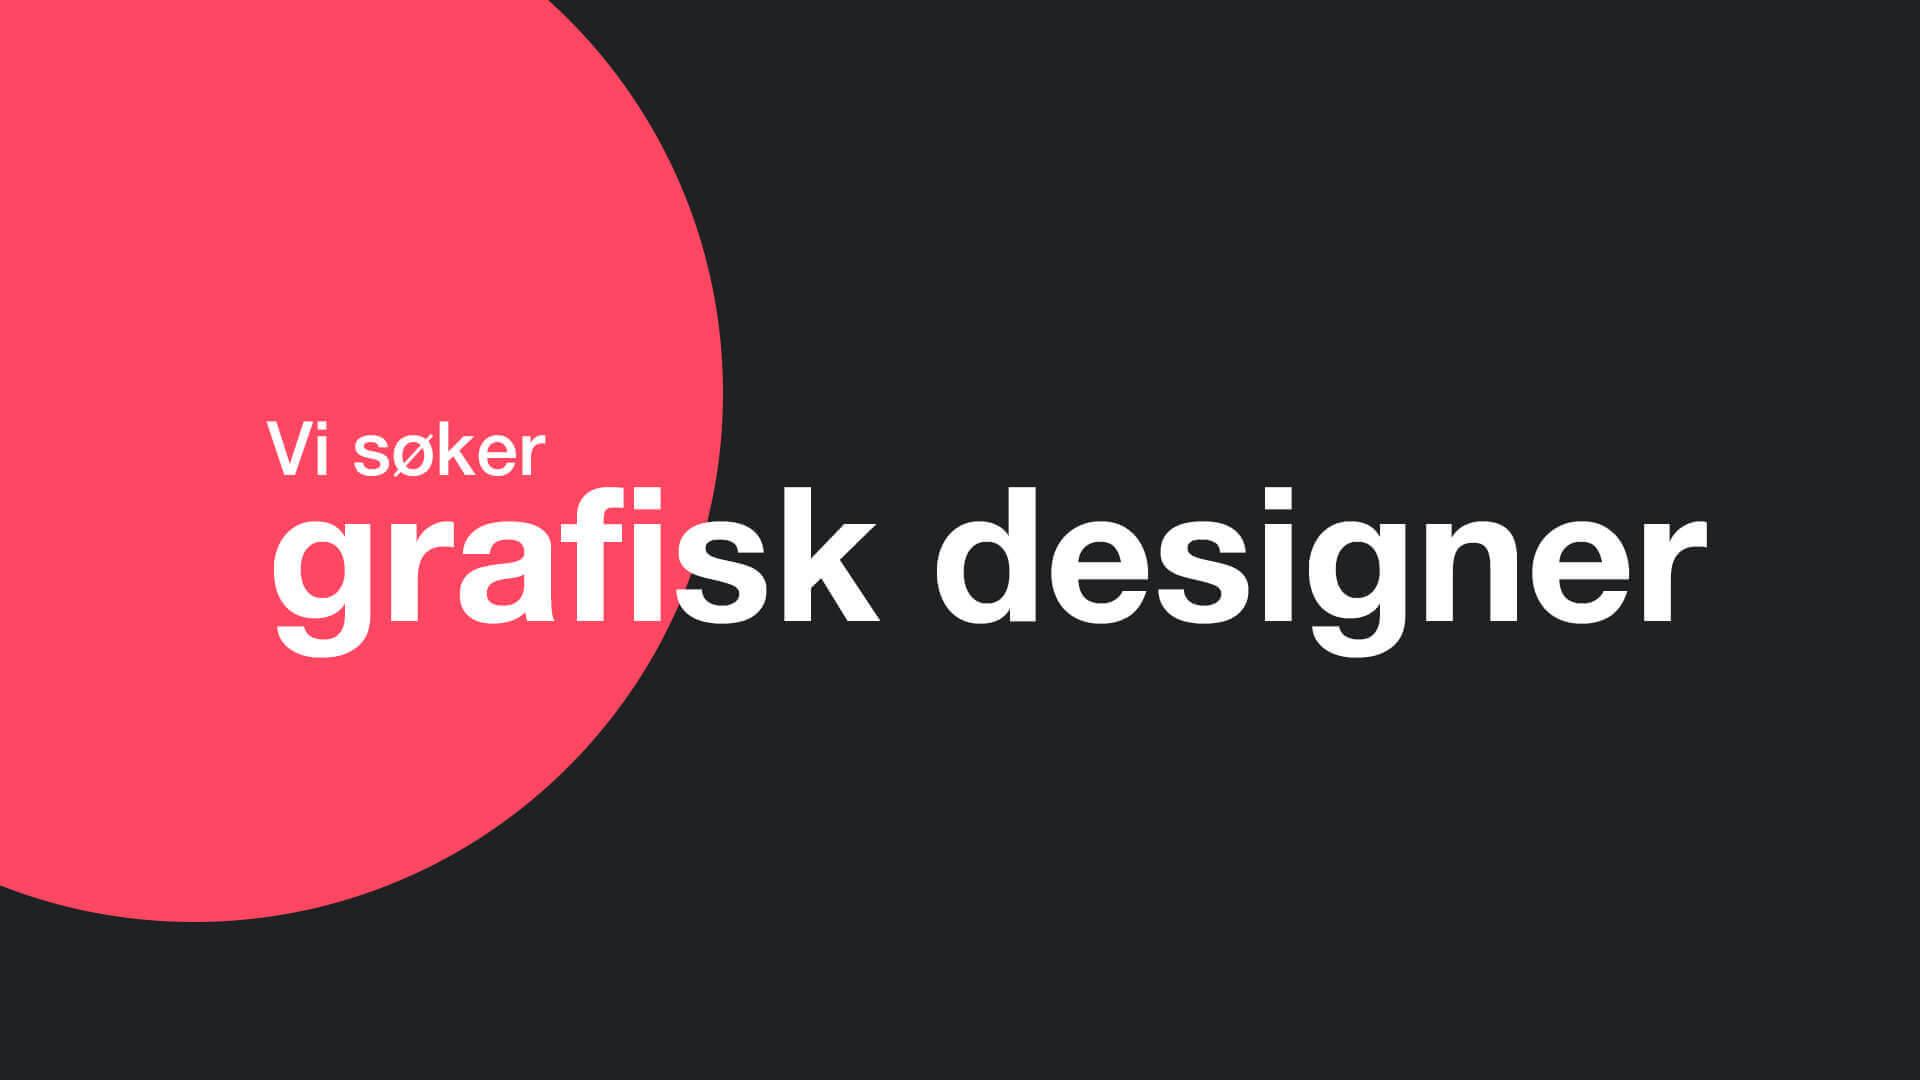 Vi søker grafisk designer.